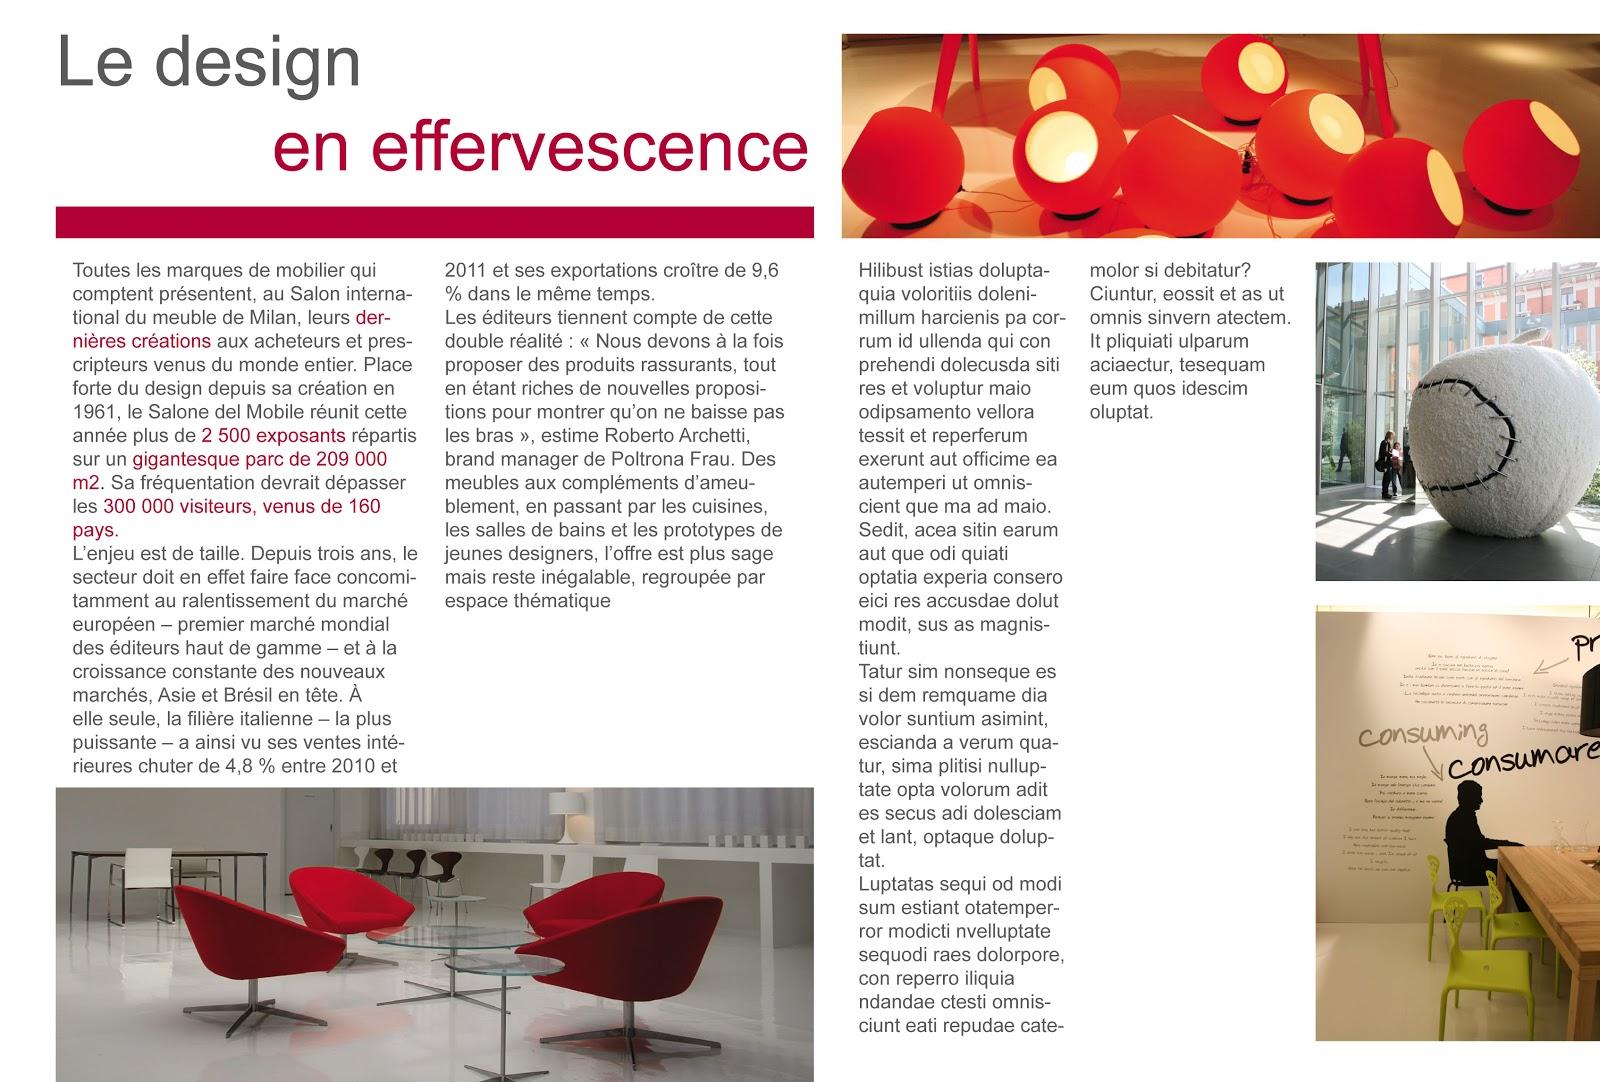 Florian nadeau mise en page sur le salon du design de milan for Le salon du design